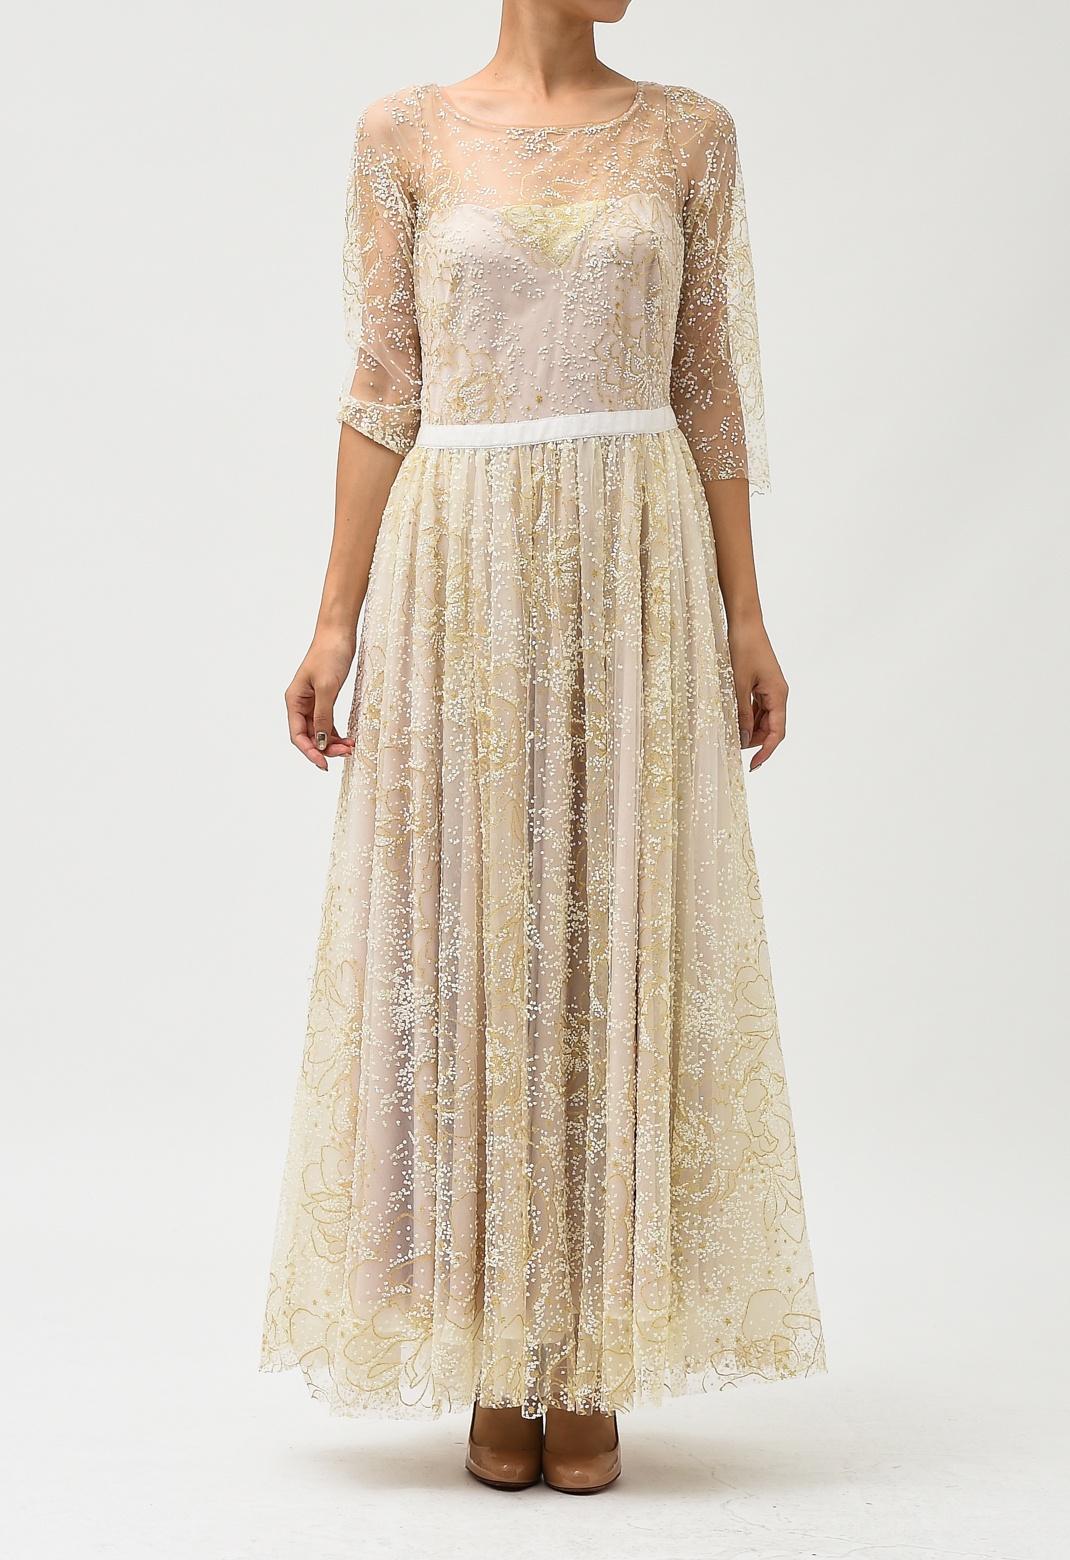 オーロラ× ゴールド ラメ 七分袖 ロング ドレス